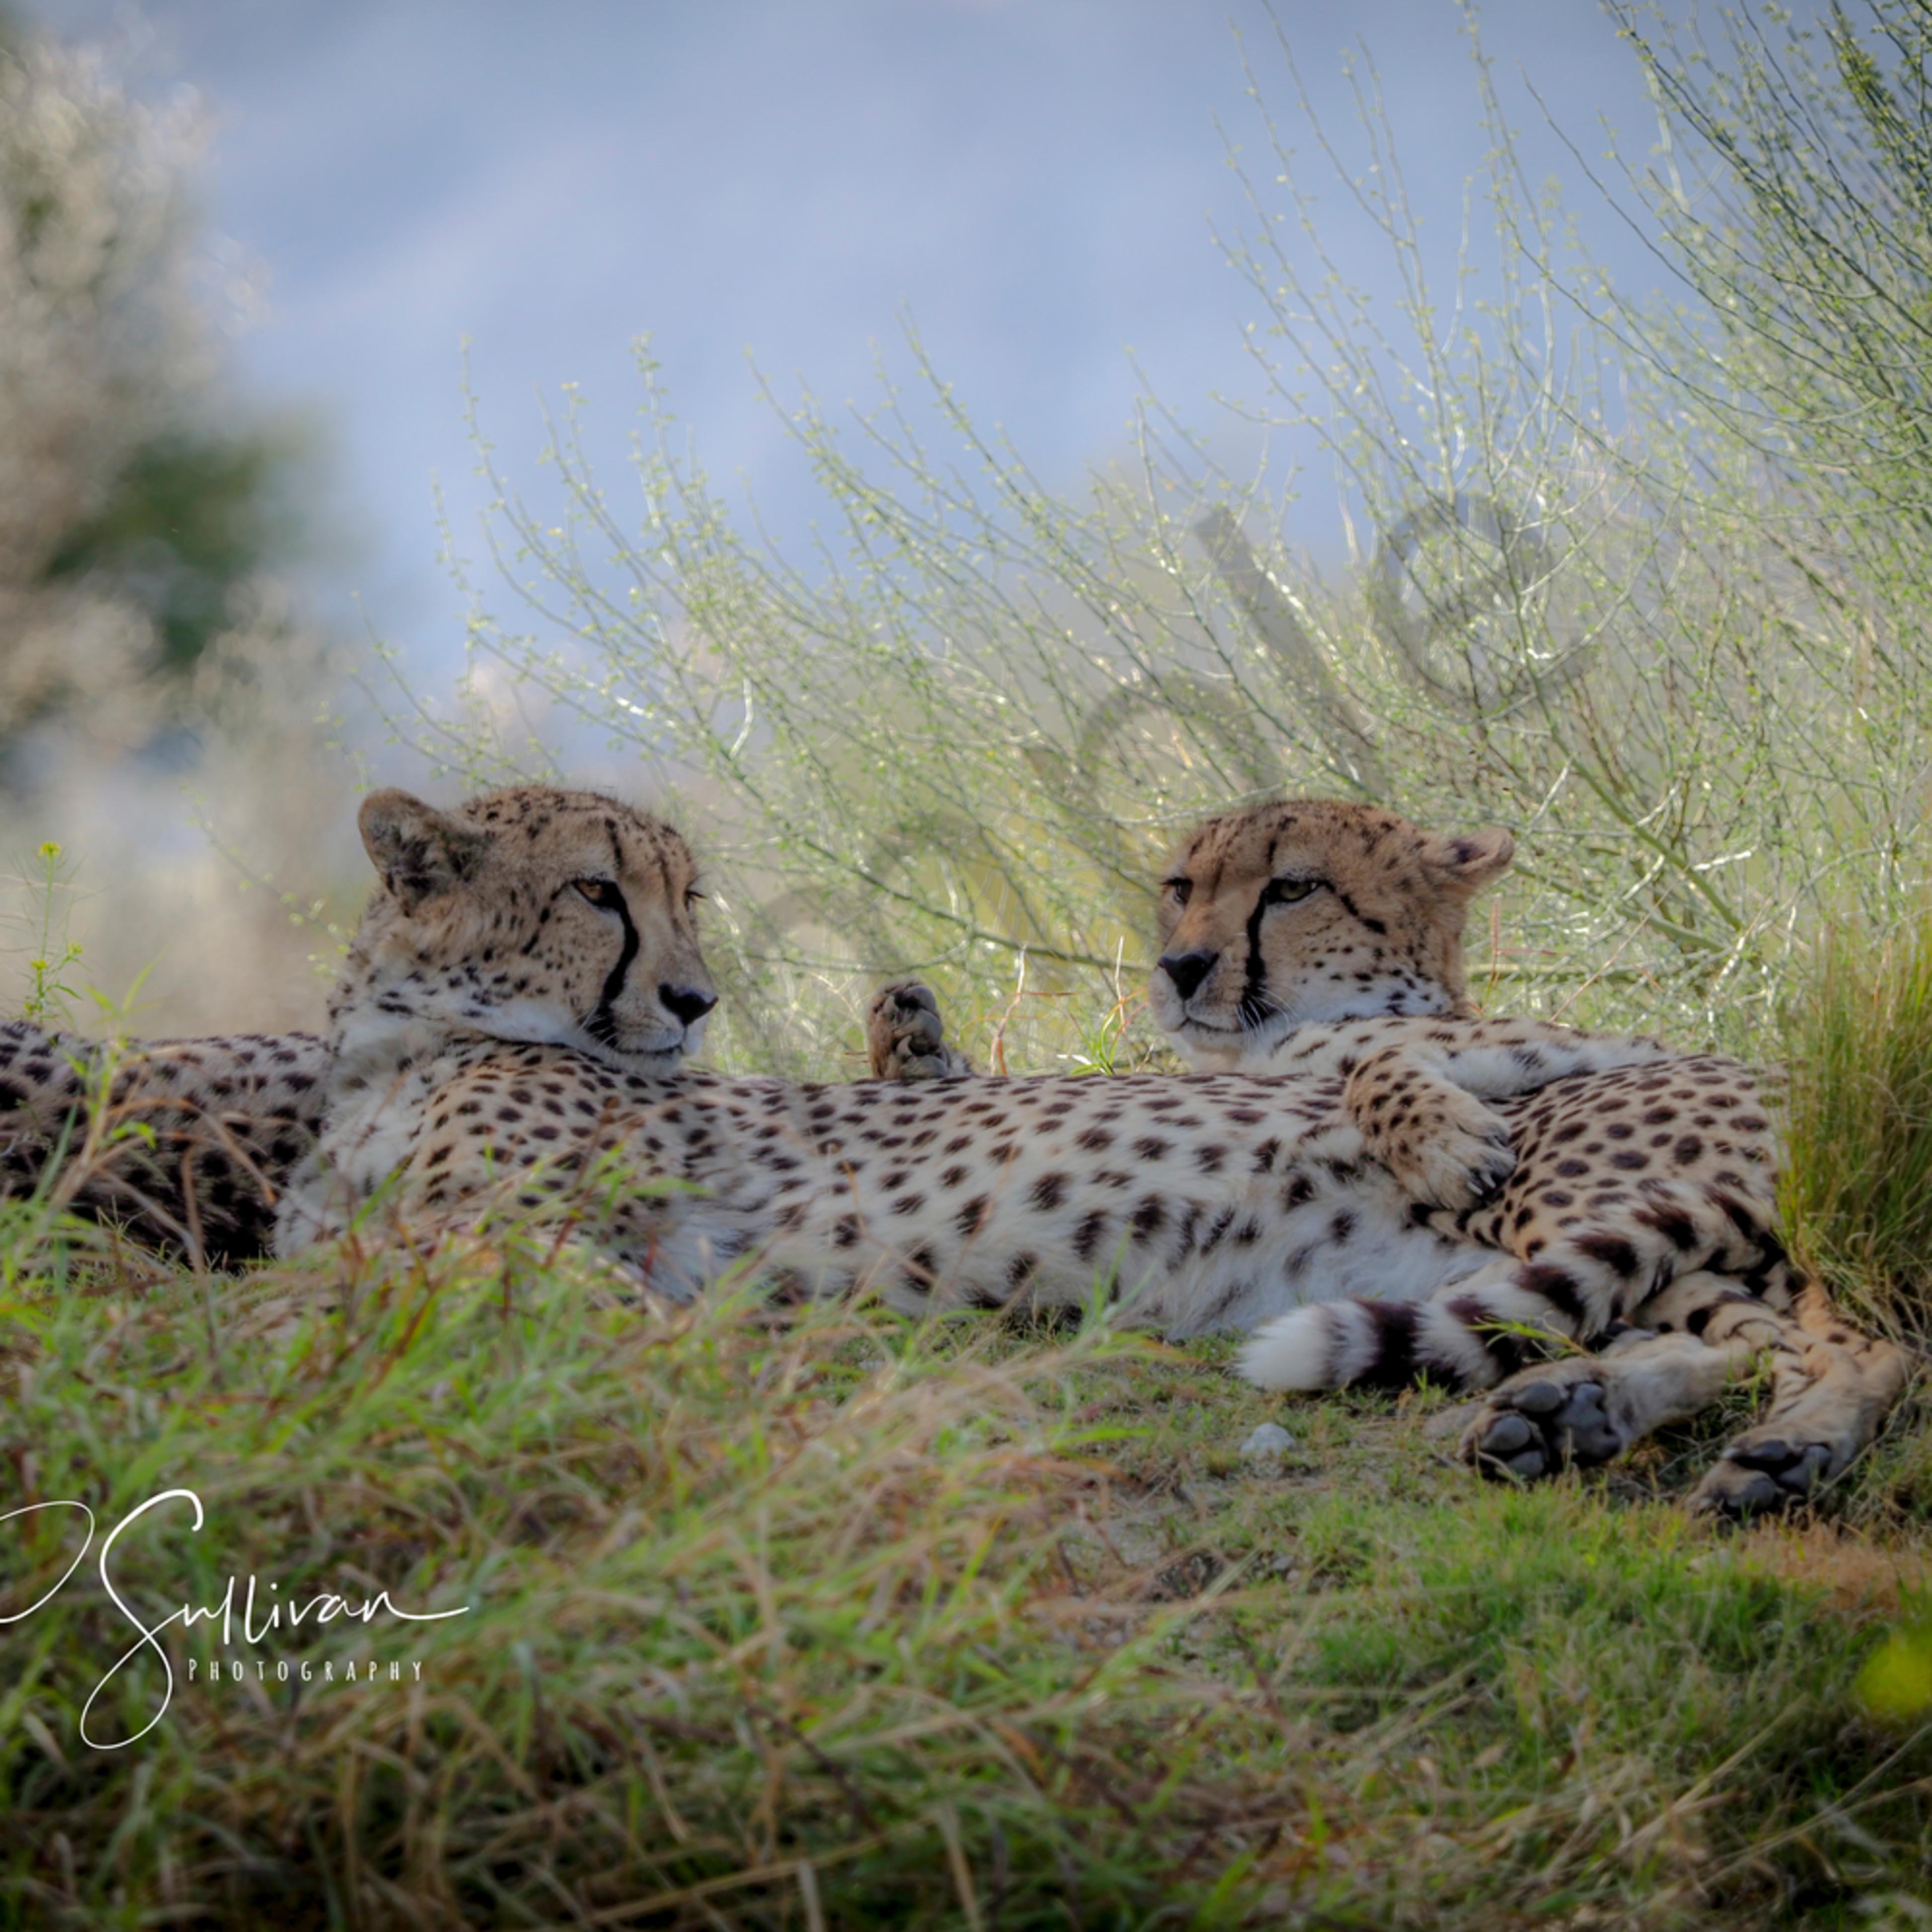 Cheetah love 1 of 1 lrdw1u